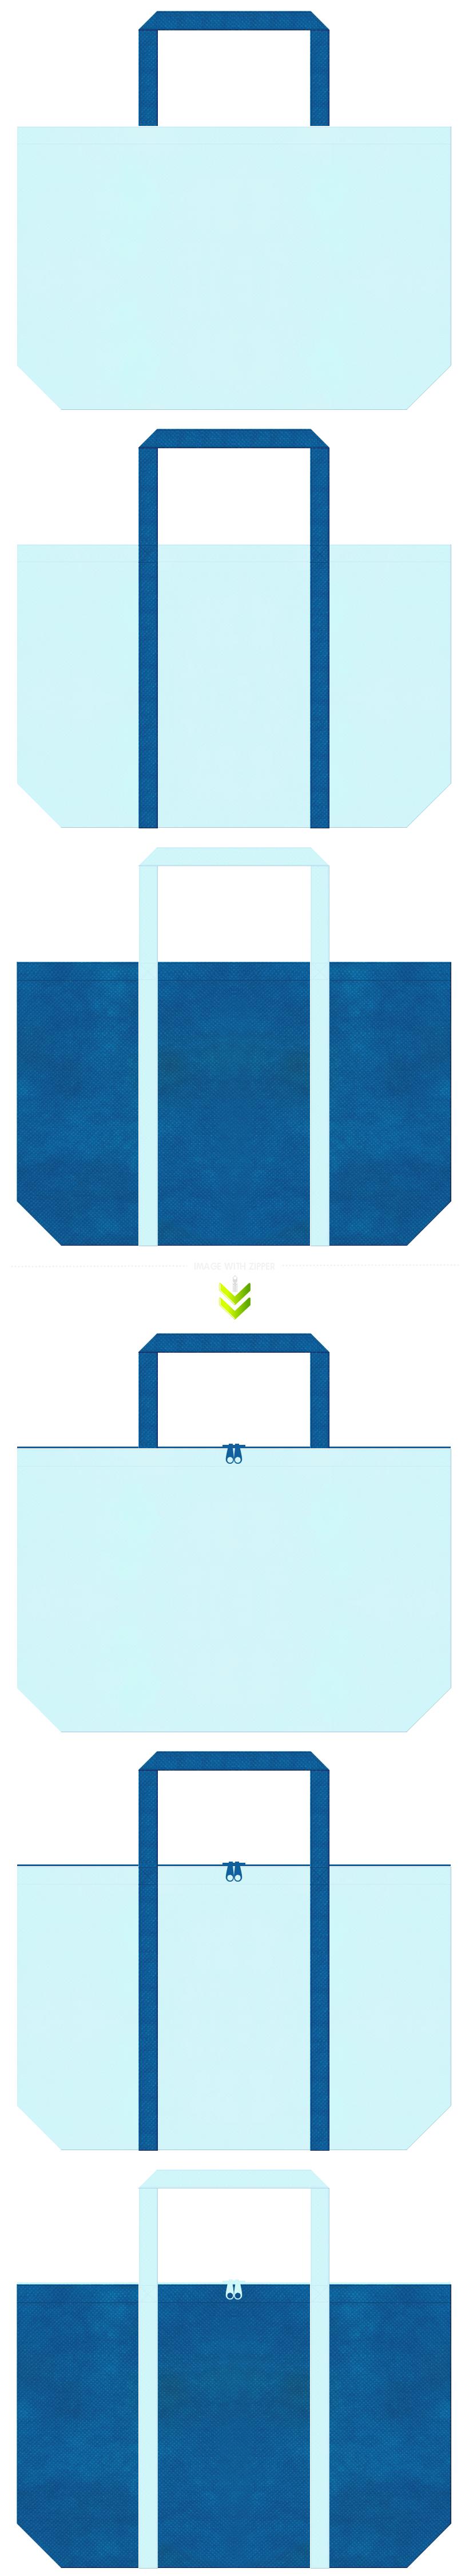 ビーチ用品・水族館・水素・人工知能・水と環境・水資源・CO2削減・環境セミナー・環境イベント・クリーニング・ランドリーバッグにお奨めの不織布バッグデザイン:水色と青色のコーデ